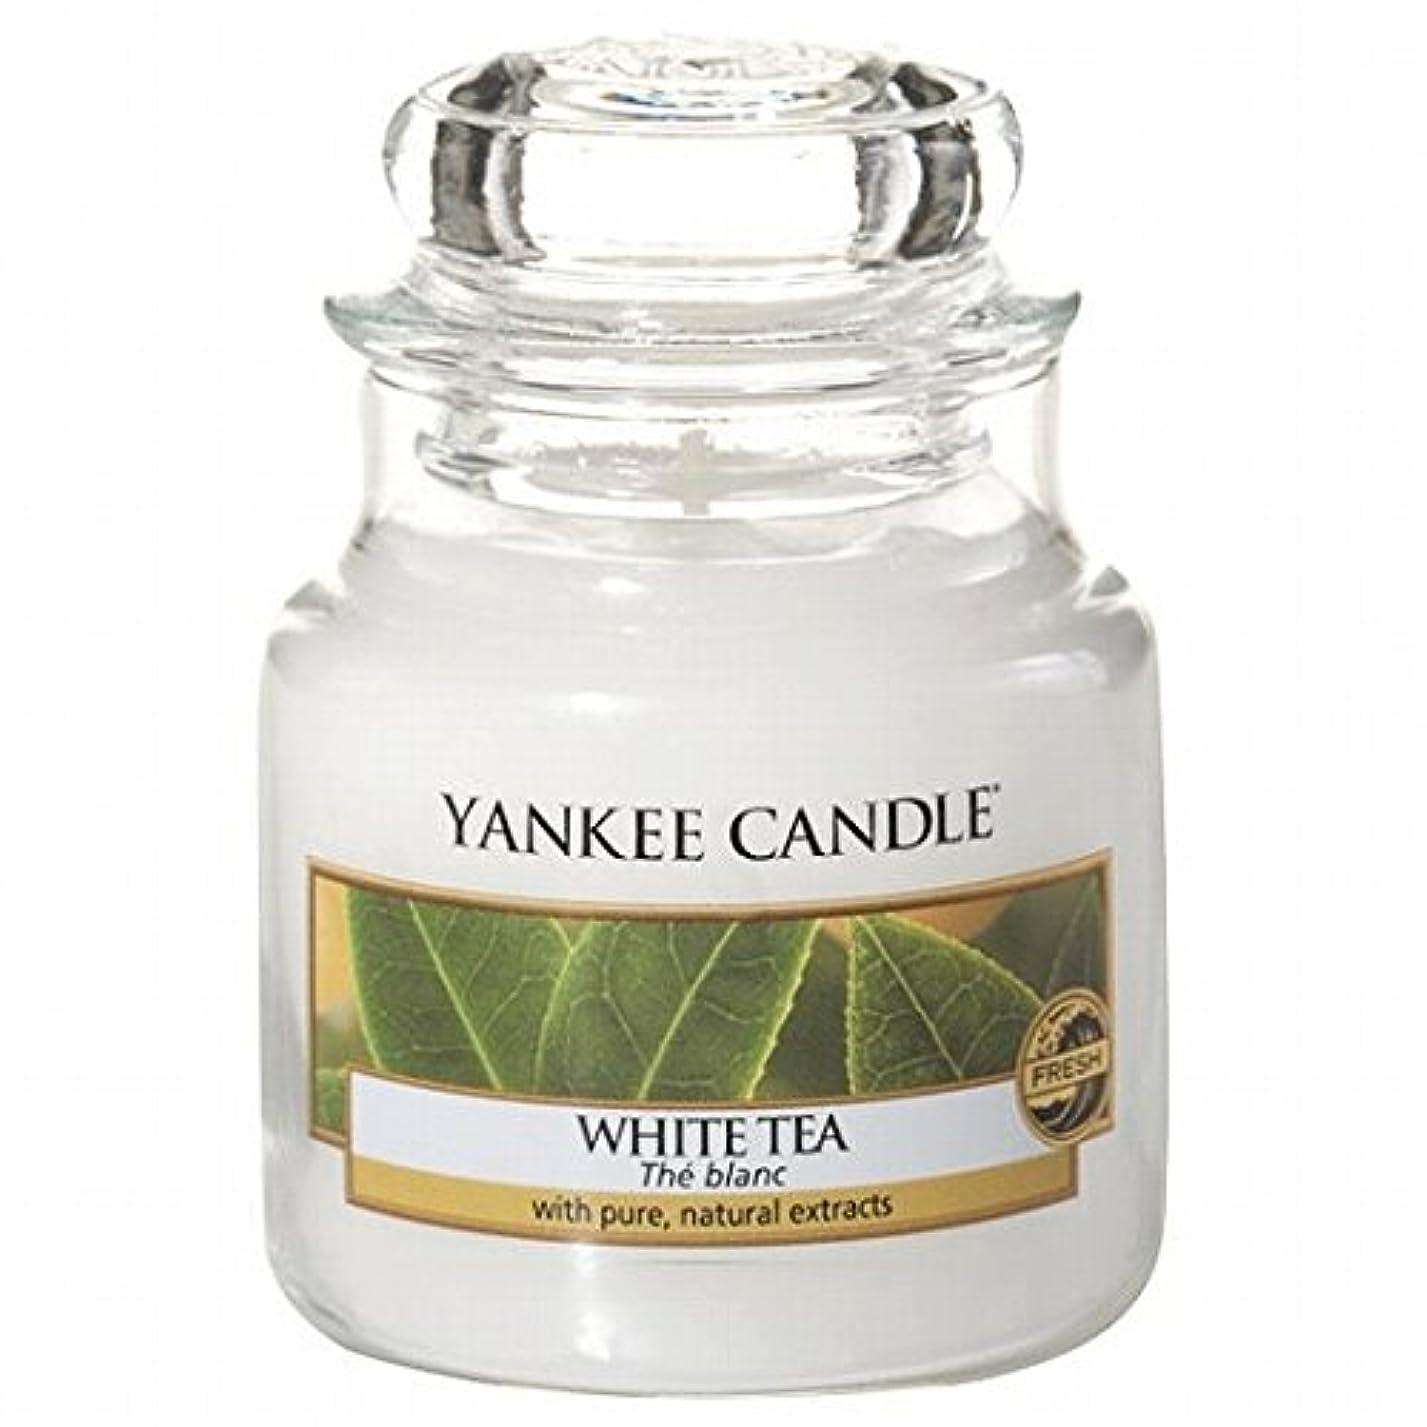 群れ狂った緩むYANKEE CANDLE(ヤンキーキャンドル) YANKEE CANDLE ジャーS 「ホワイトティー」(K00305277)